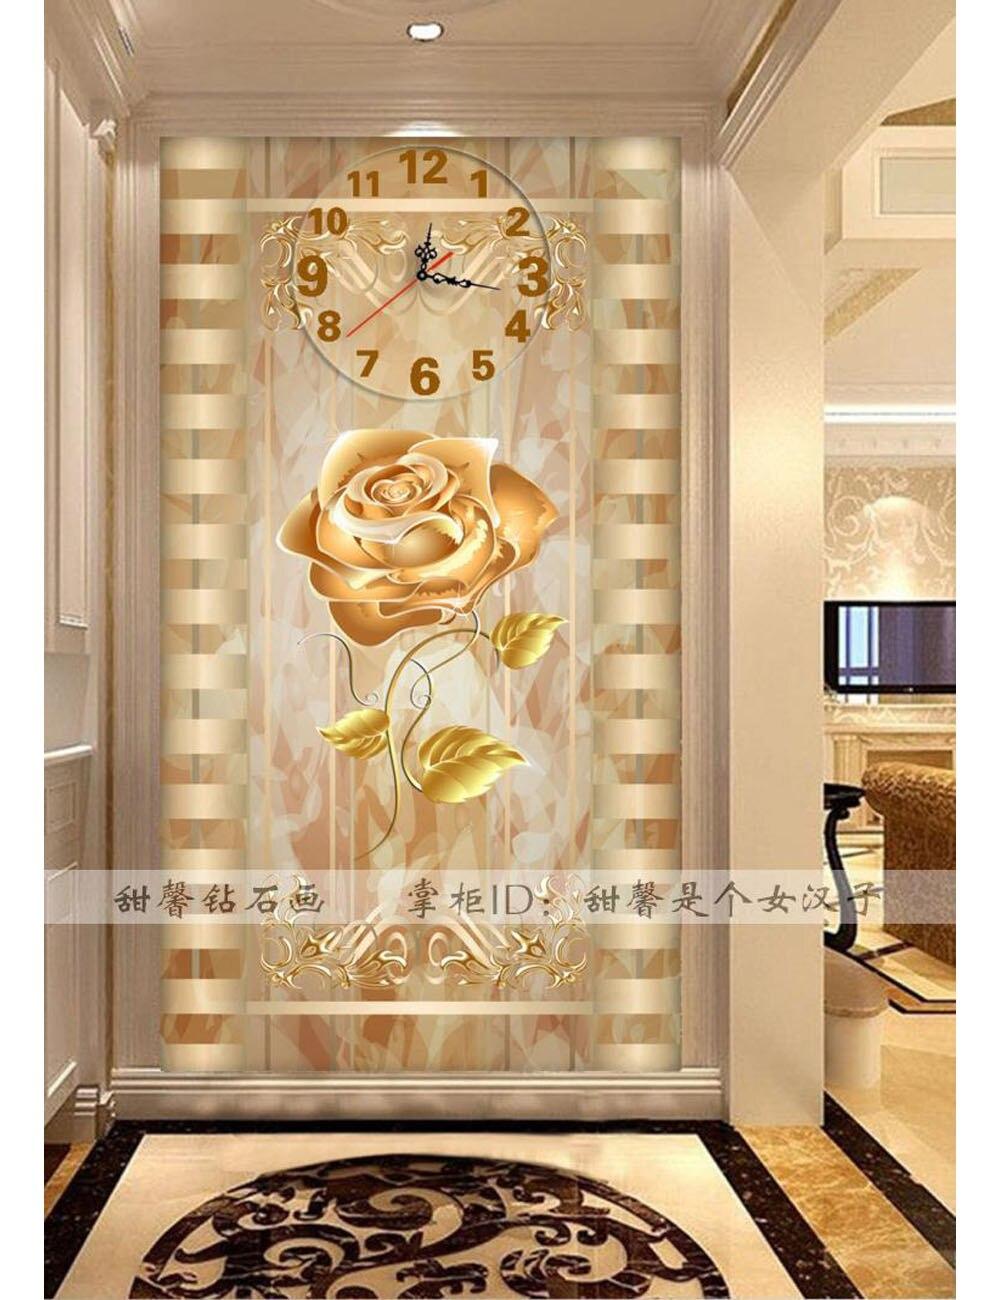 53 9 Décoration De Couloir De Salon Broderie De Diamant Moderne Fleur De Roses Mosaïque De Diamant Carré 5d Horloge Murale De Peinture De